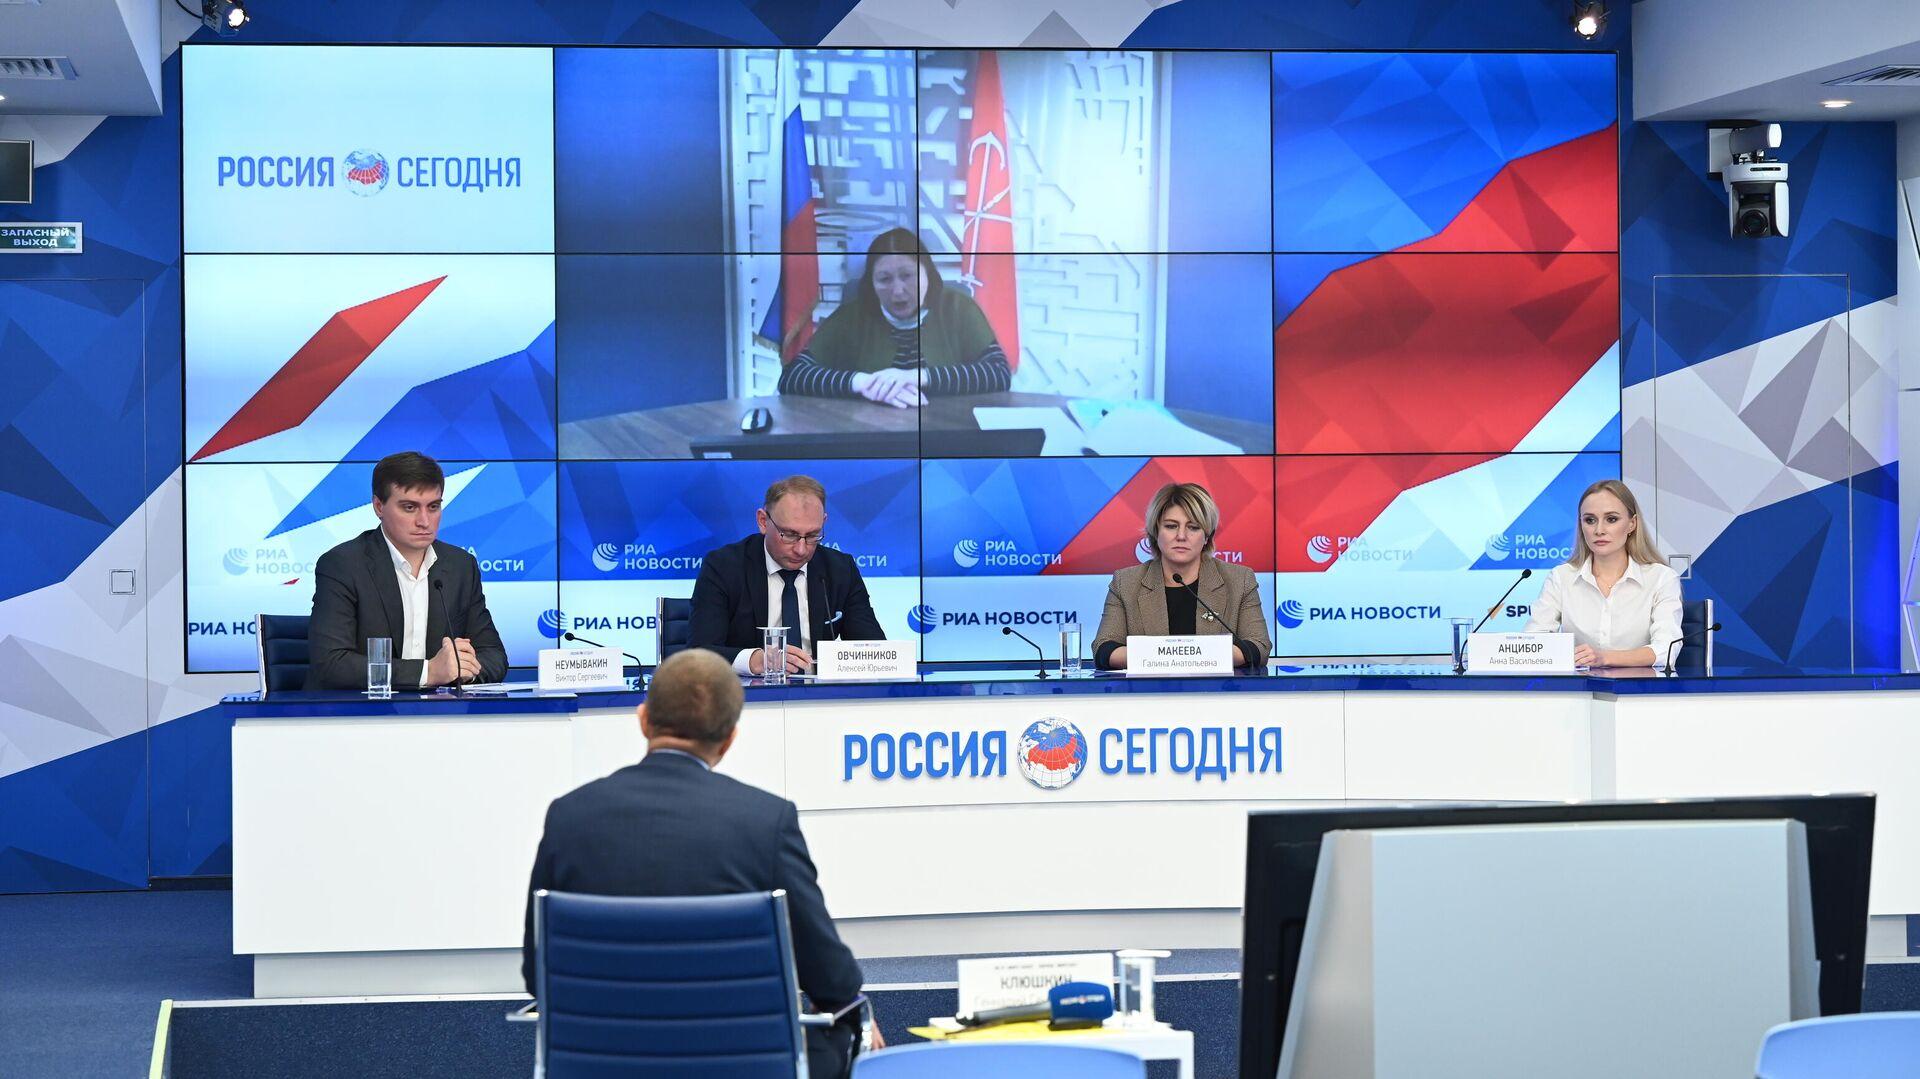 Онлайн-конференция по итогам первого этапа приемной кампании в колледжи России в 2021 году - РИА Новости, 1920, 16.09.2021